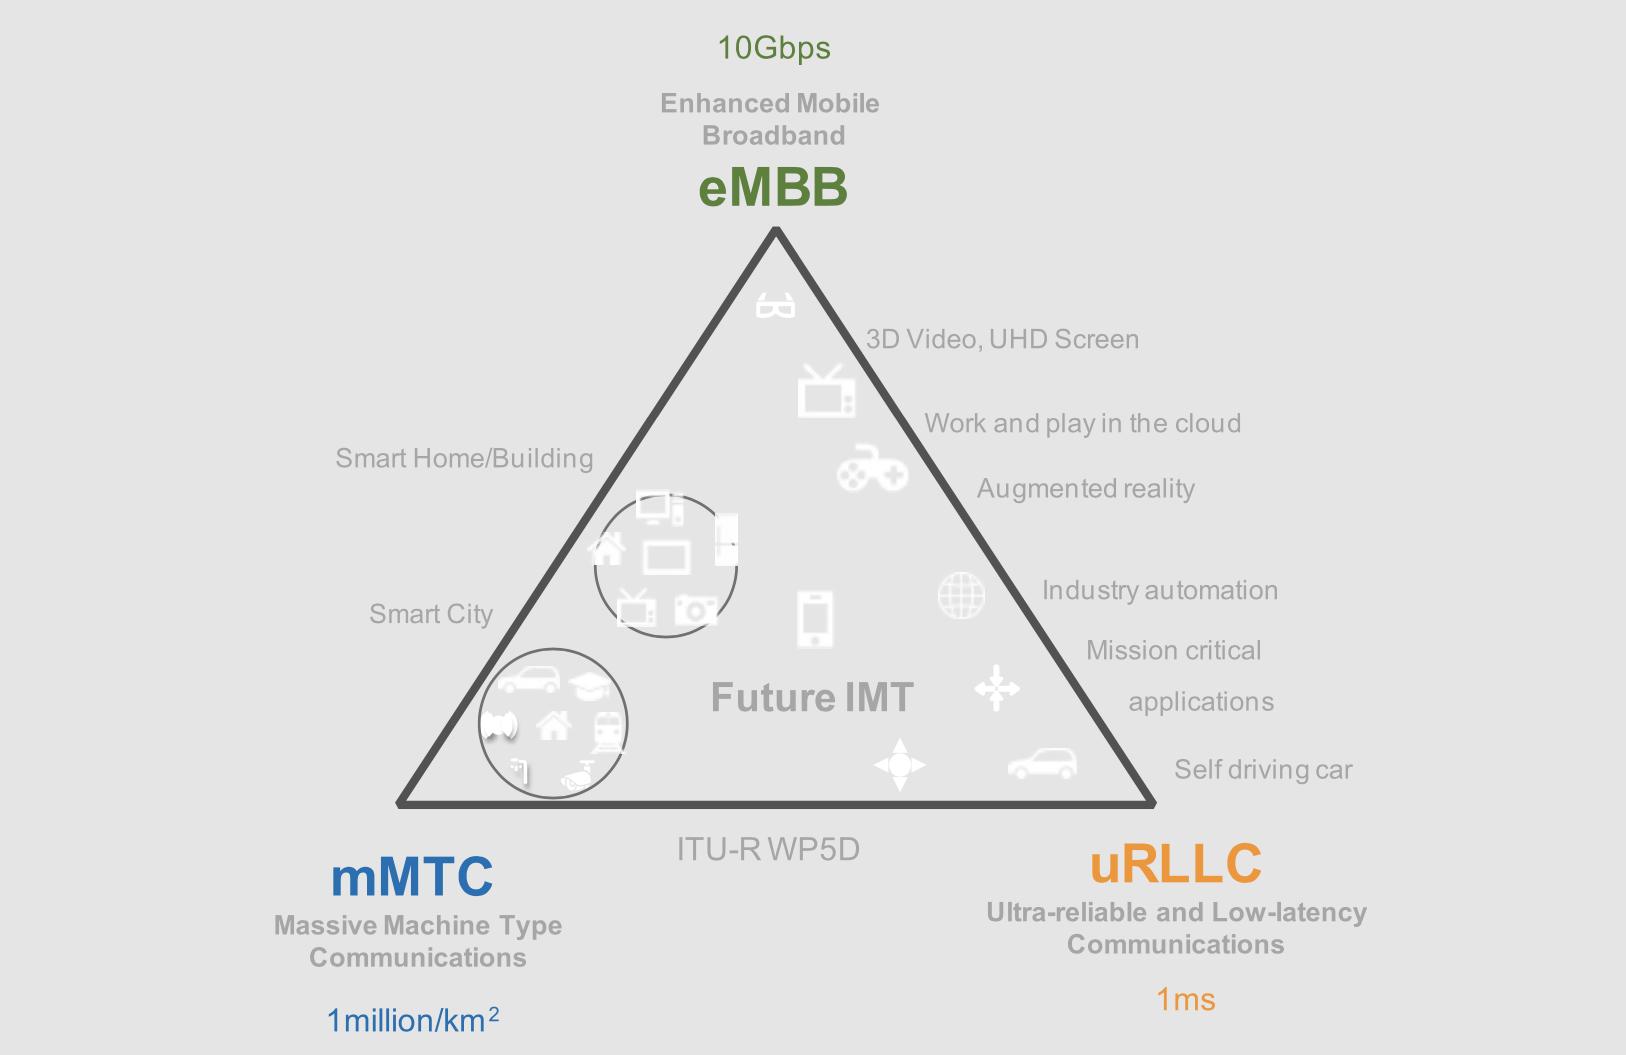 La tecnología 5G mejora el ancho de banda, la latencia o el número de conexiones posibles. Fuente: Huawei